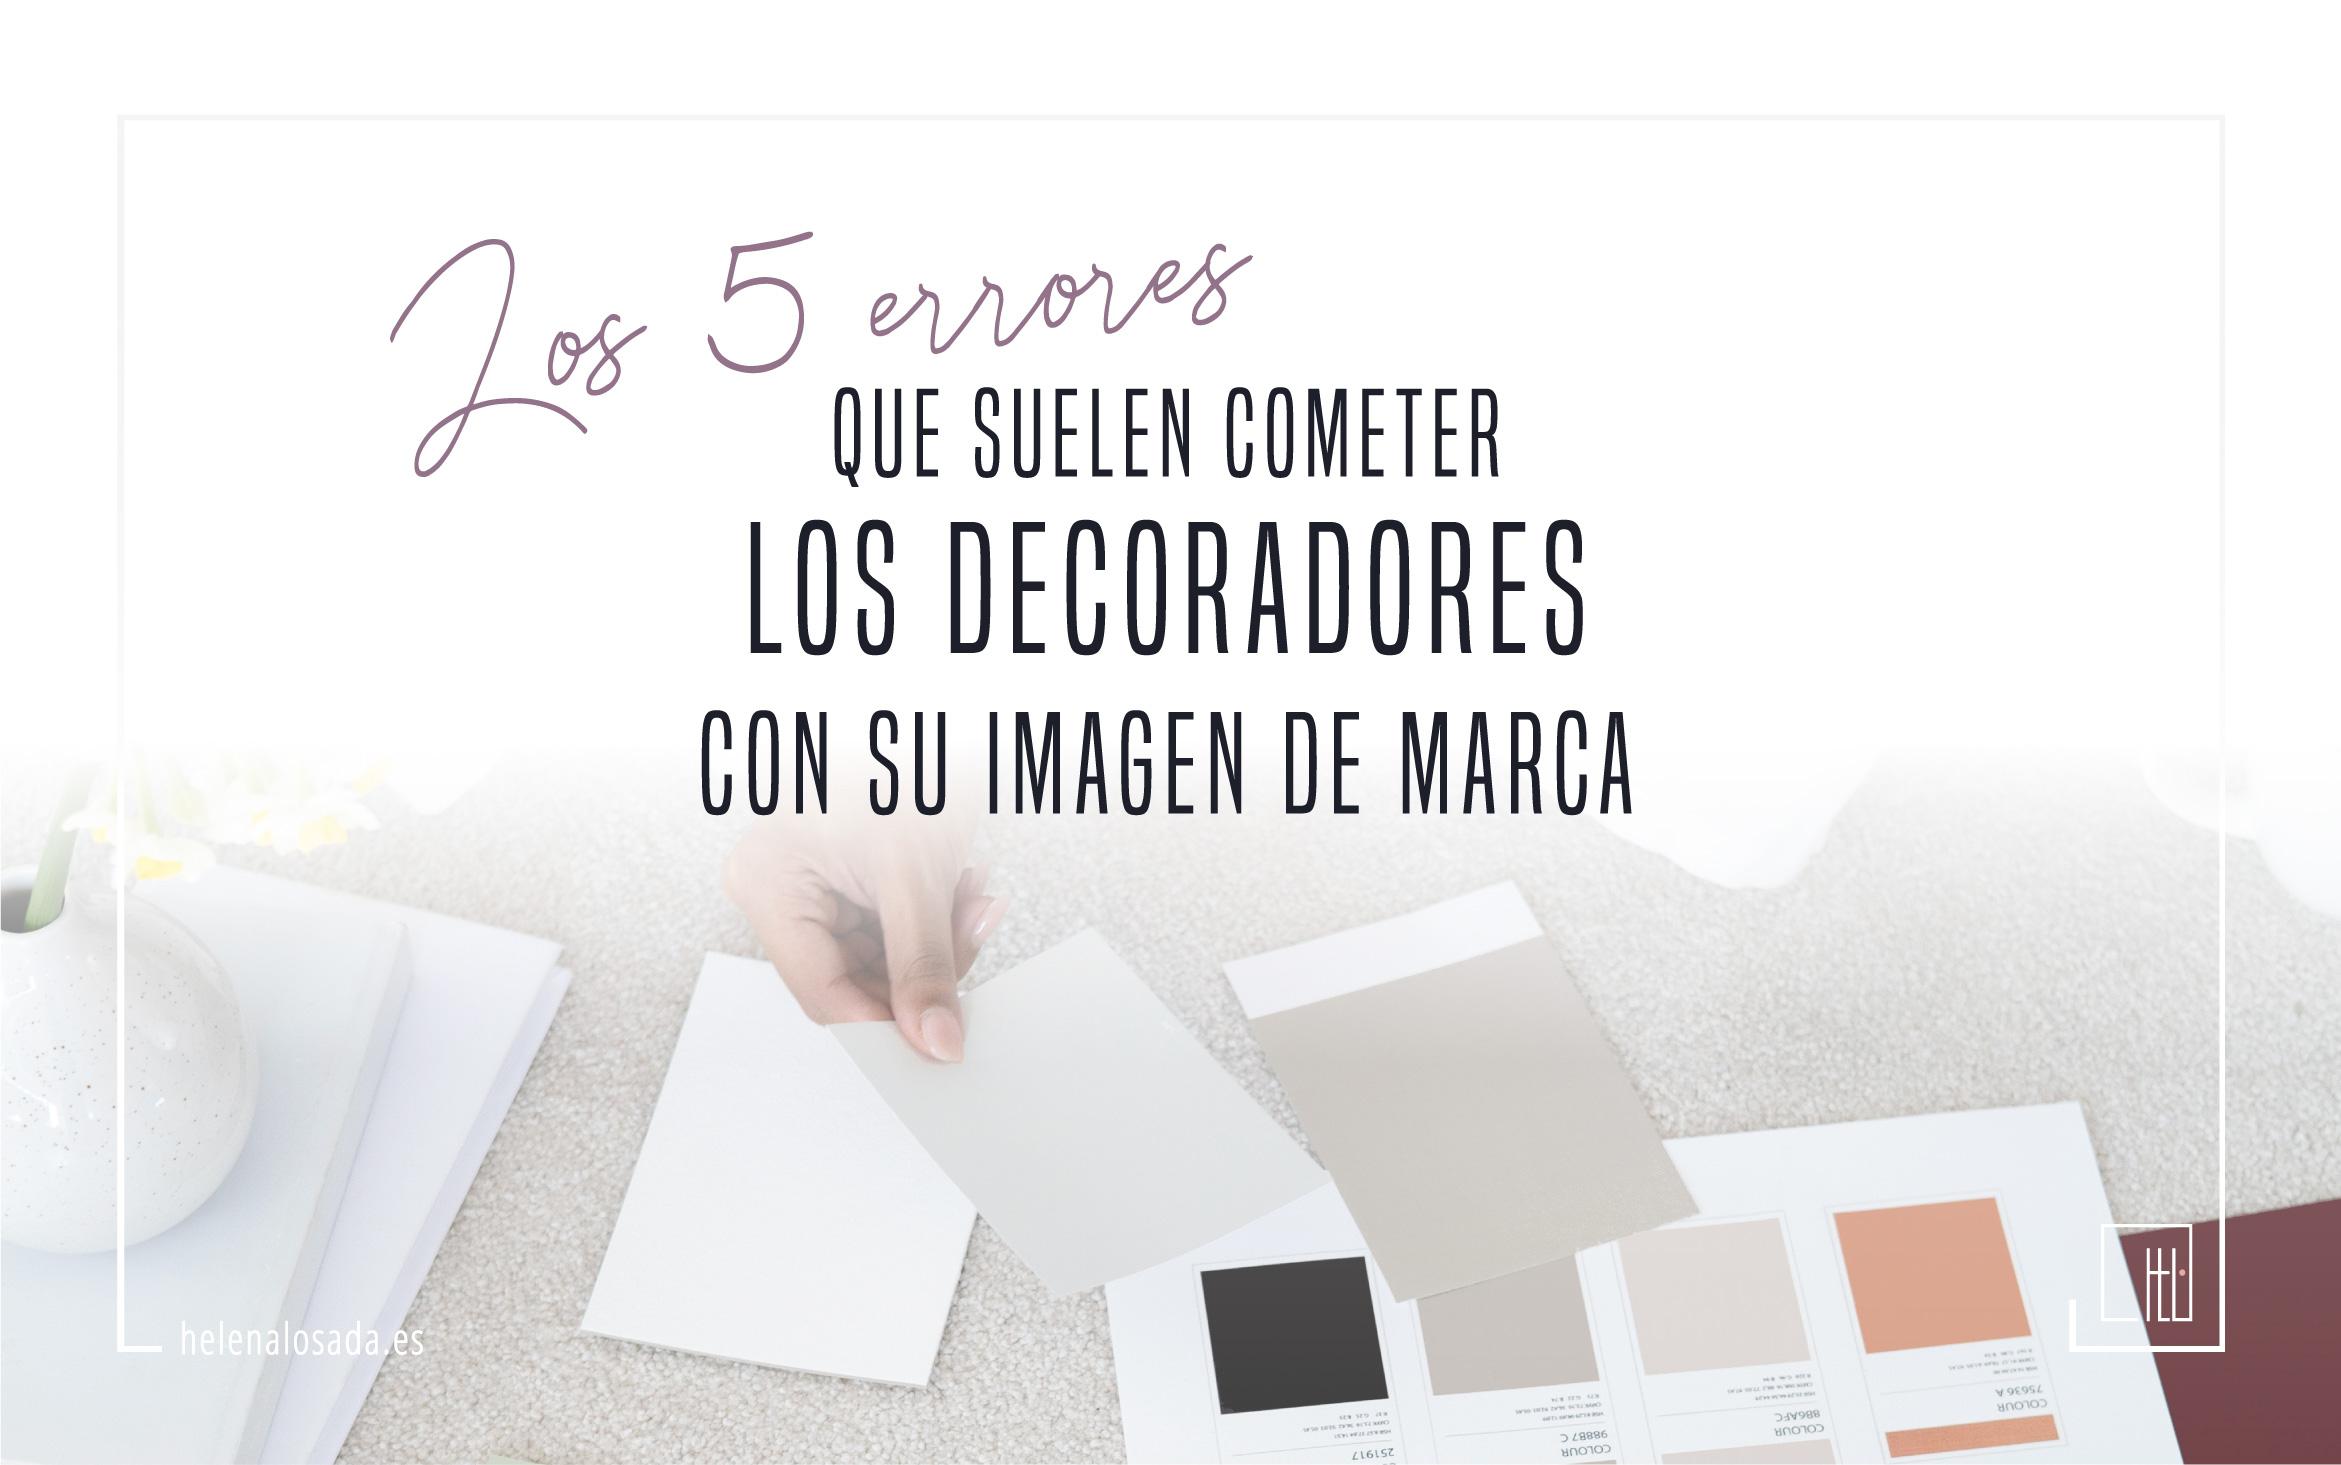 los 5 errores que suelen cometer los decoradores con su imagen de marca